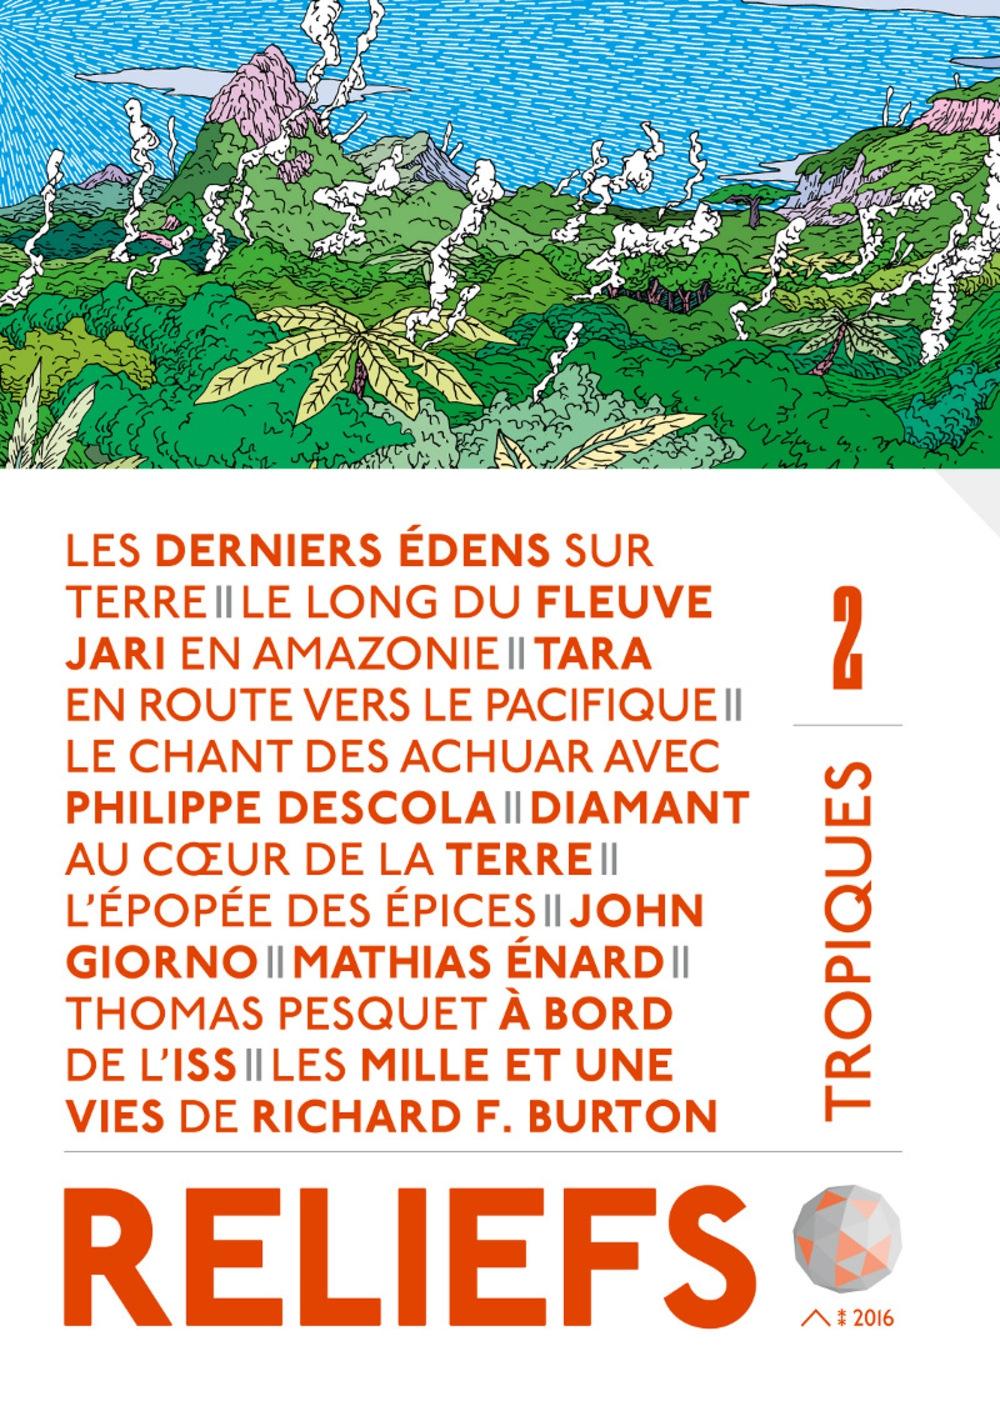 revue reliefs, tropiques, richard francis burton, stéphane dugast,